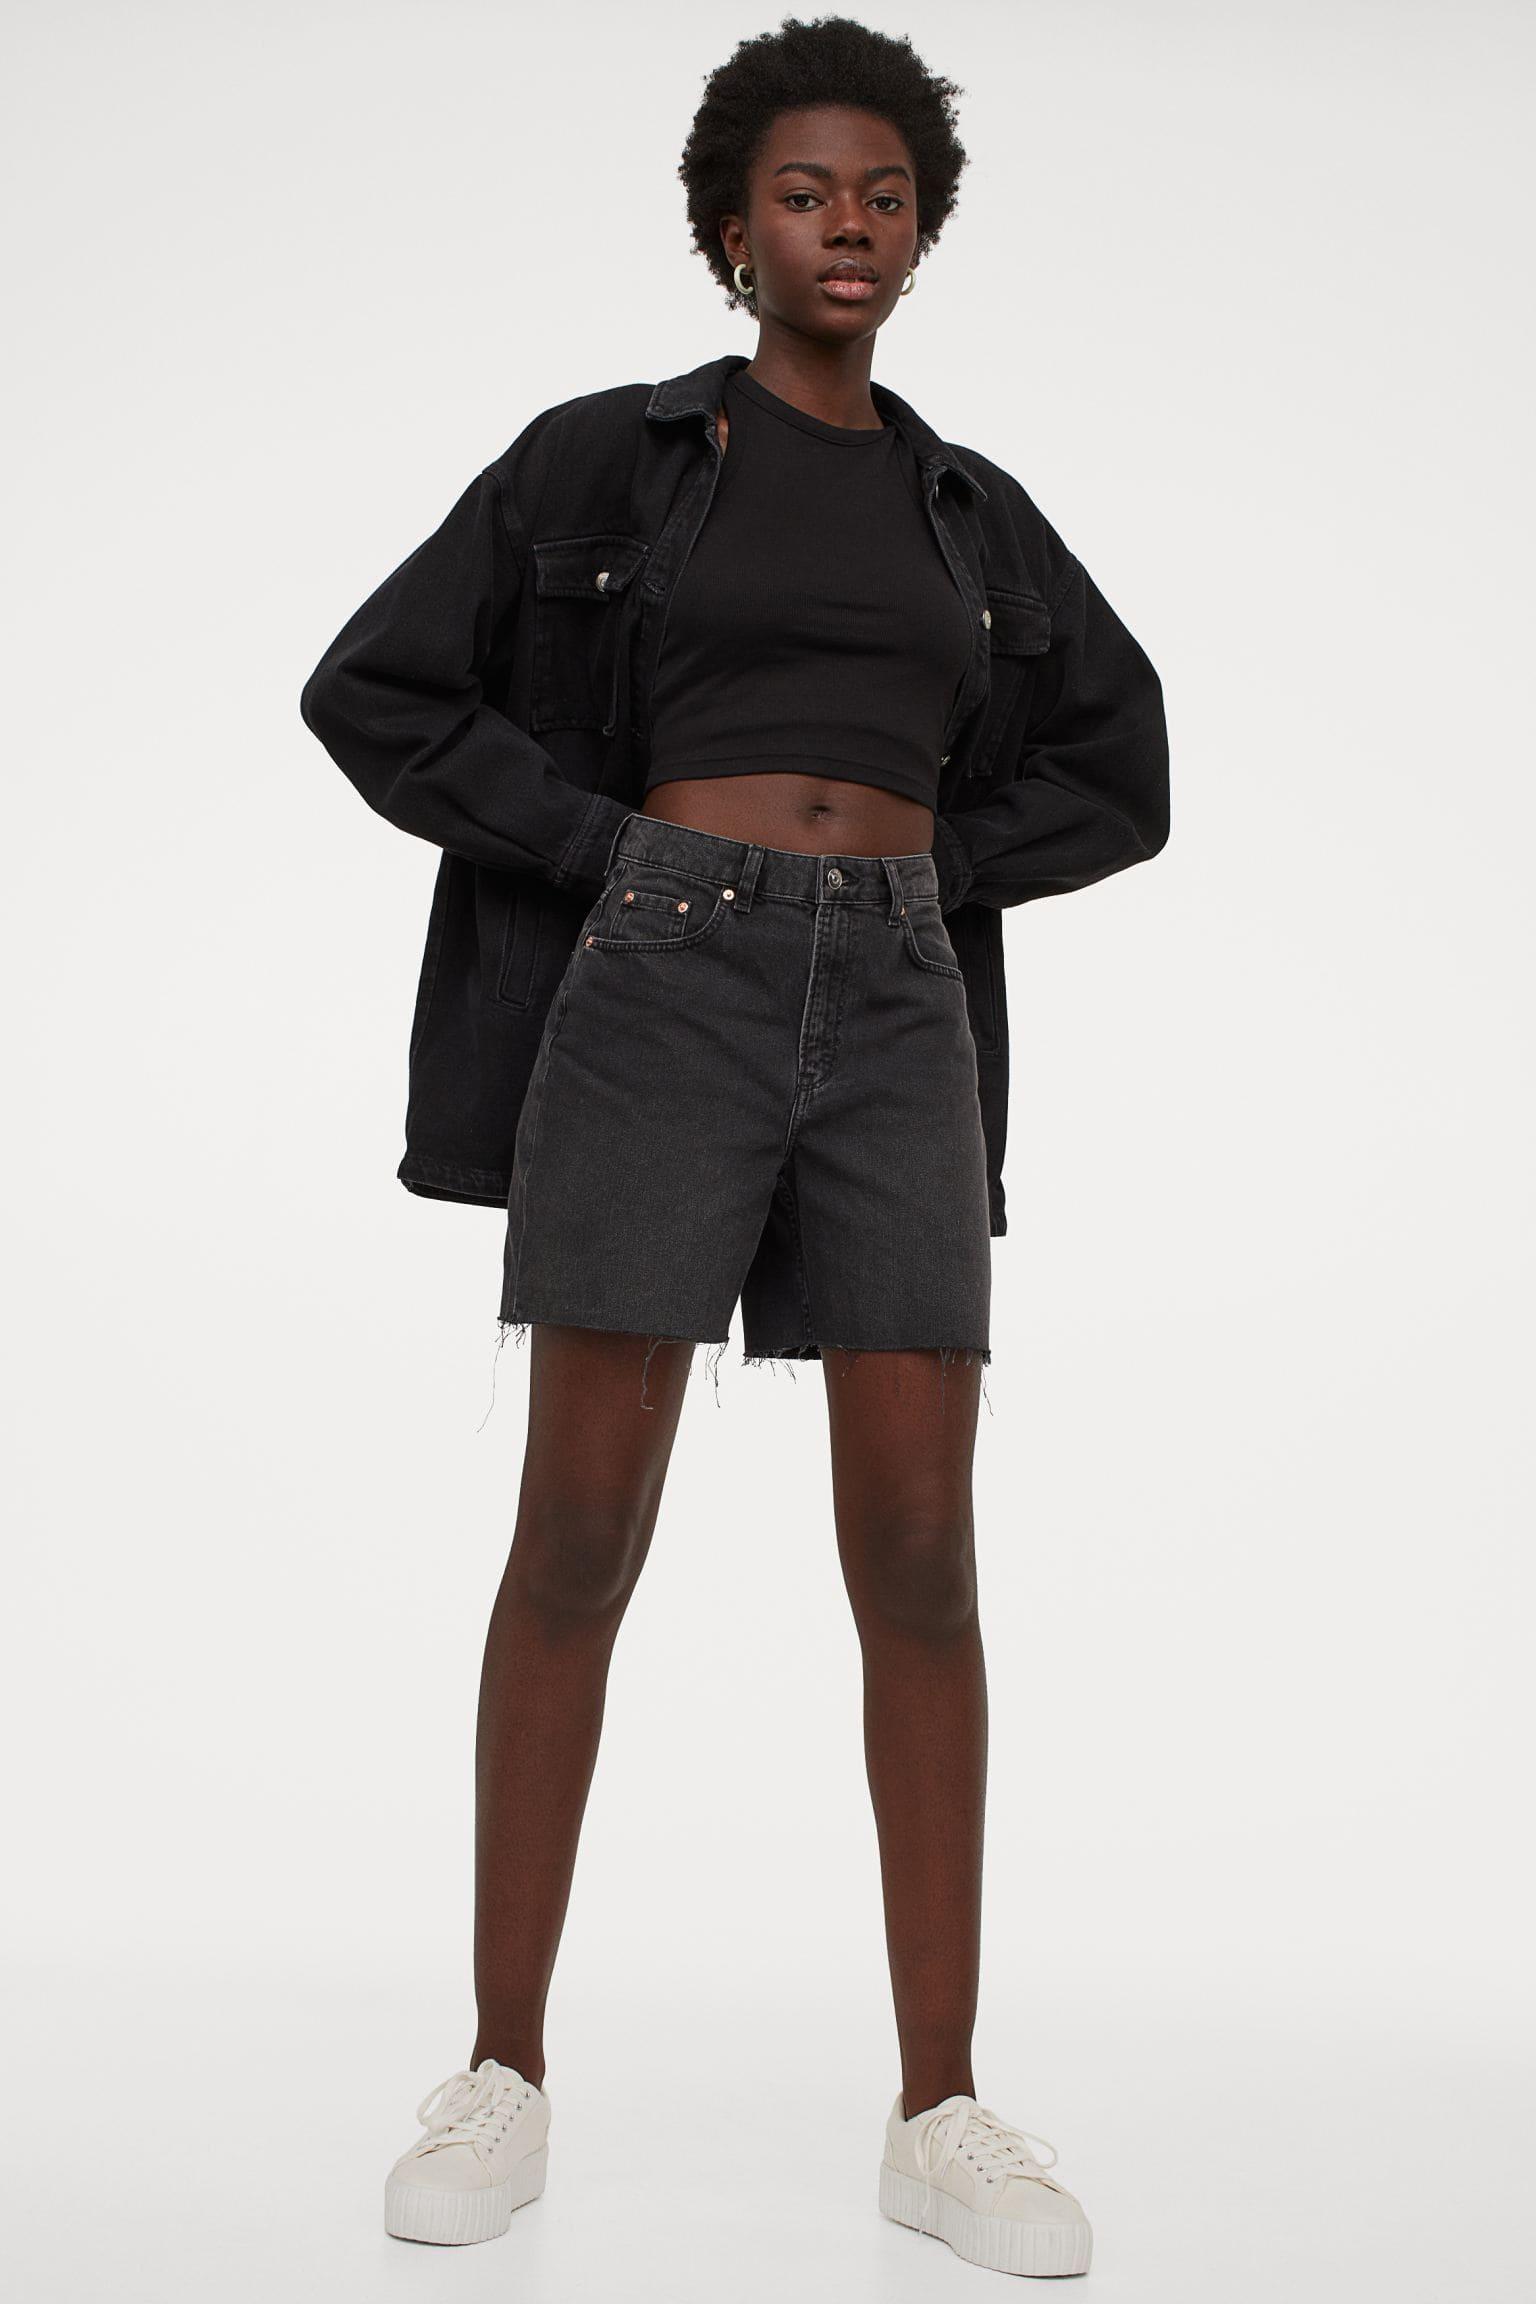 Bermuda shorts i svart denim för dam 2021